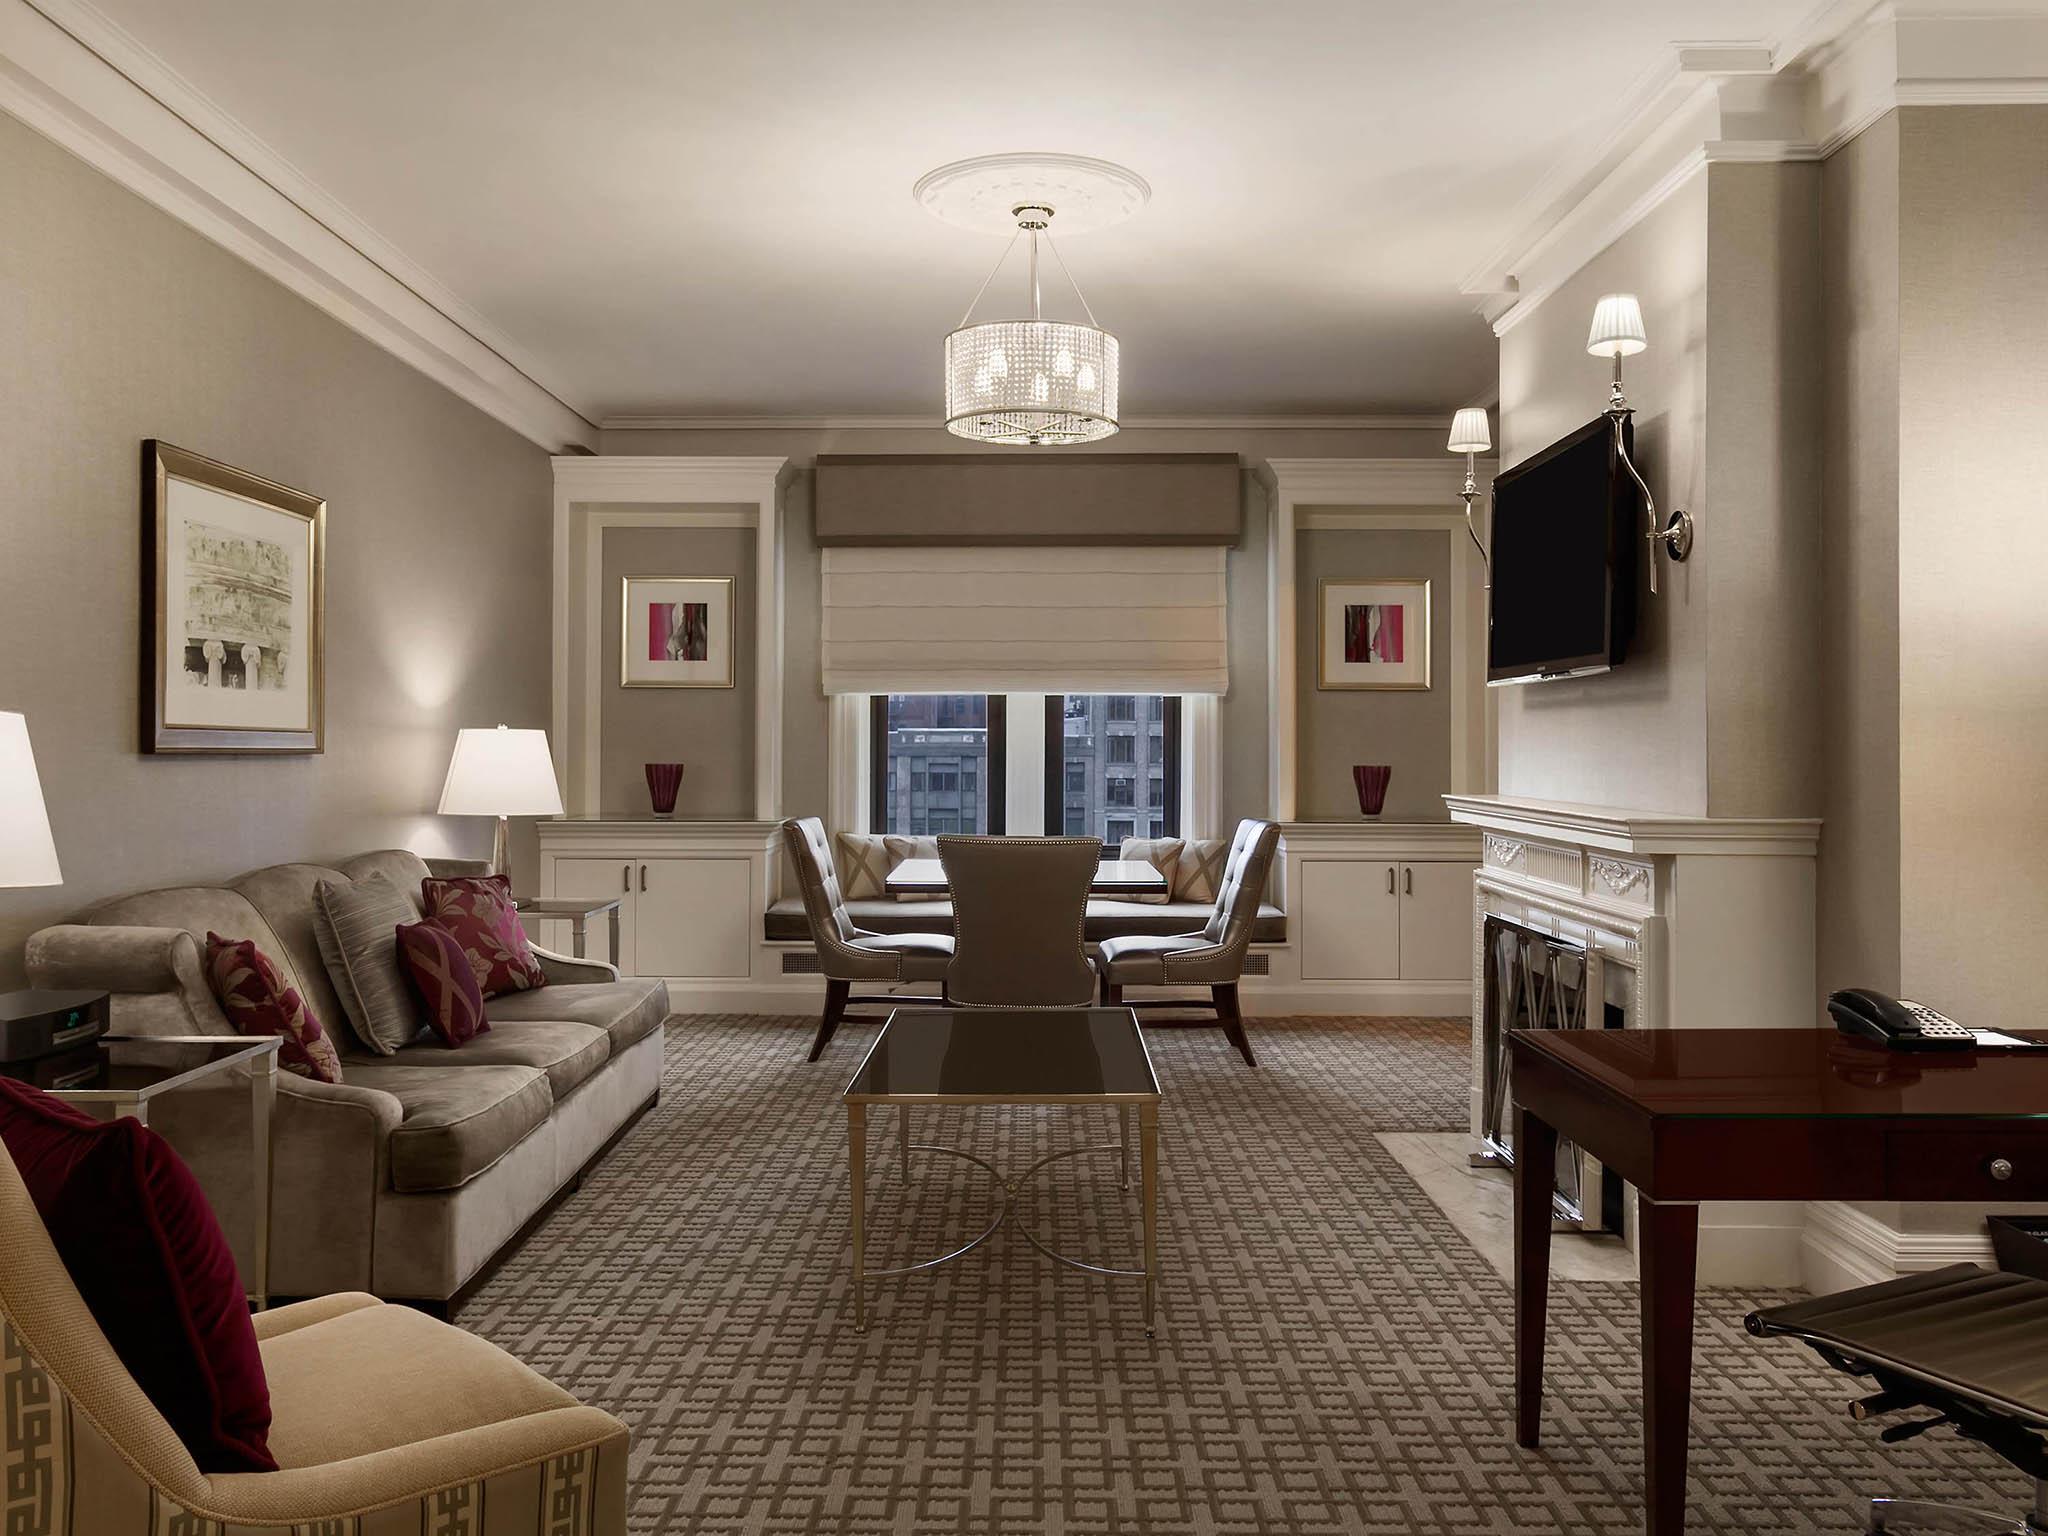 Hotel A Boston Fairmont Copley Plaza